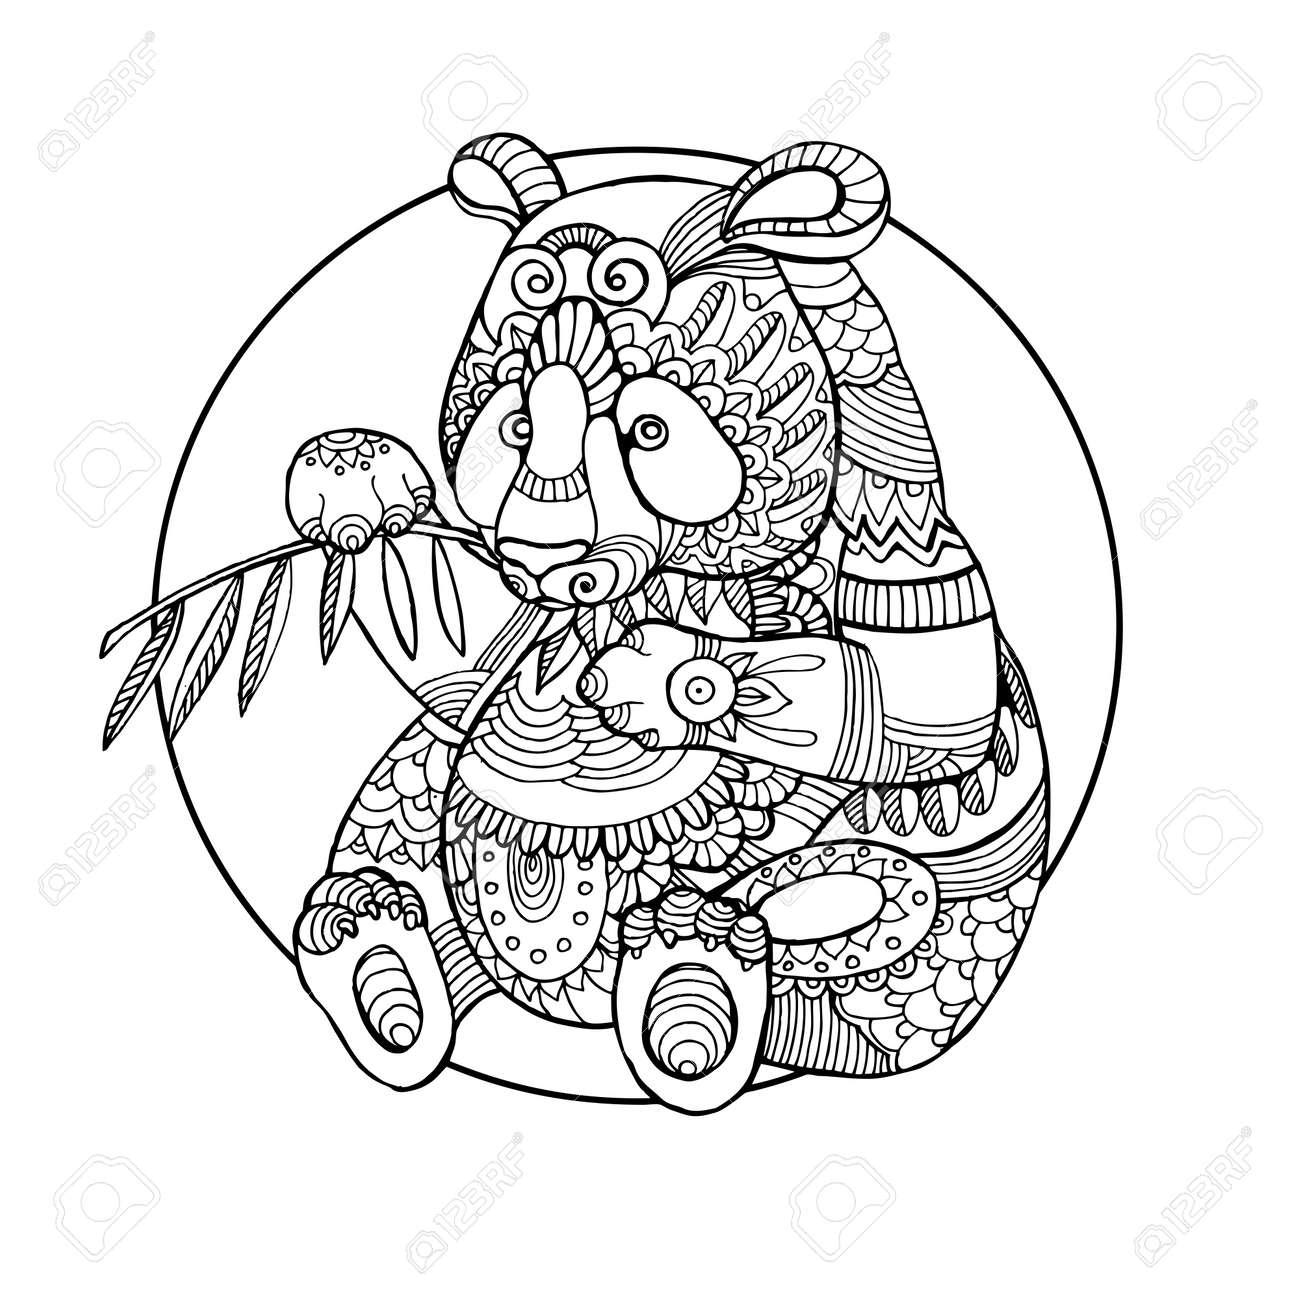 Oso Panda Libro Para Colorear Ilustración Vectorial